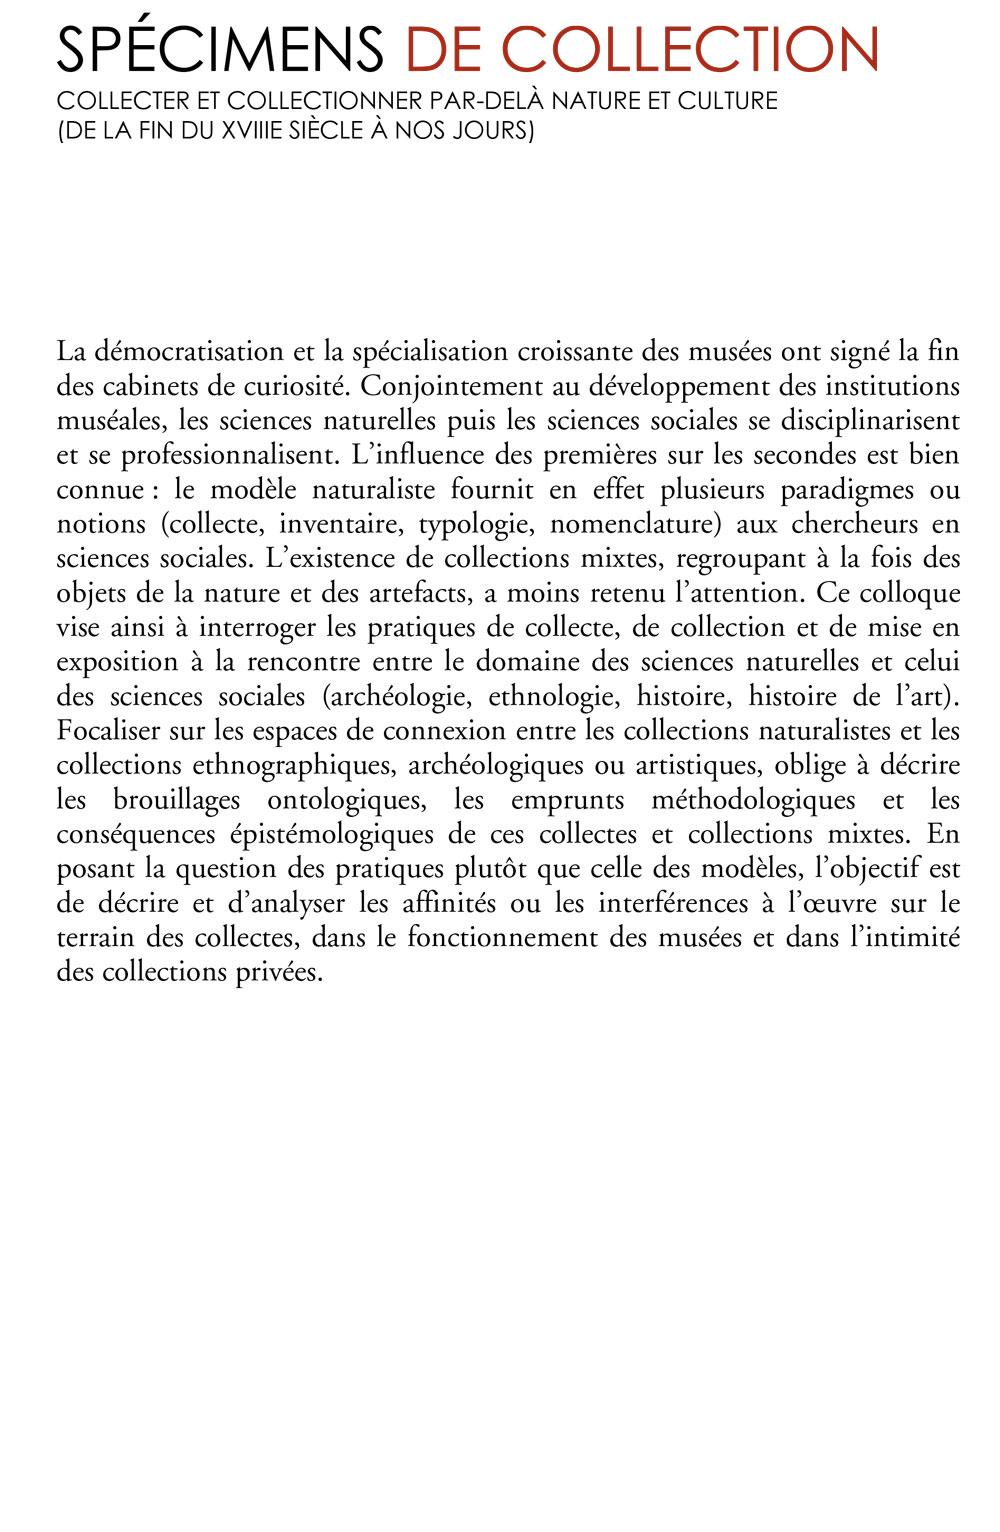 002.-programme-Spécimens-de-collection-2